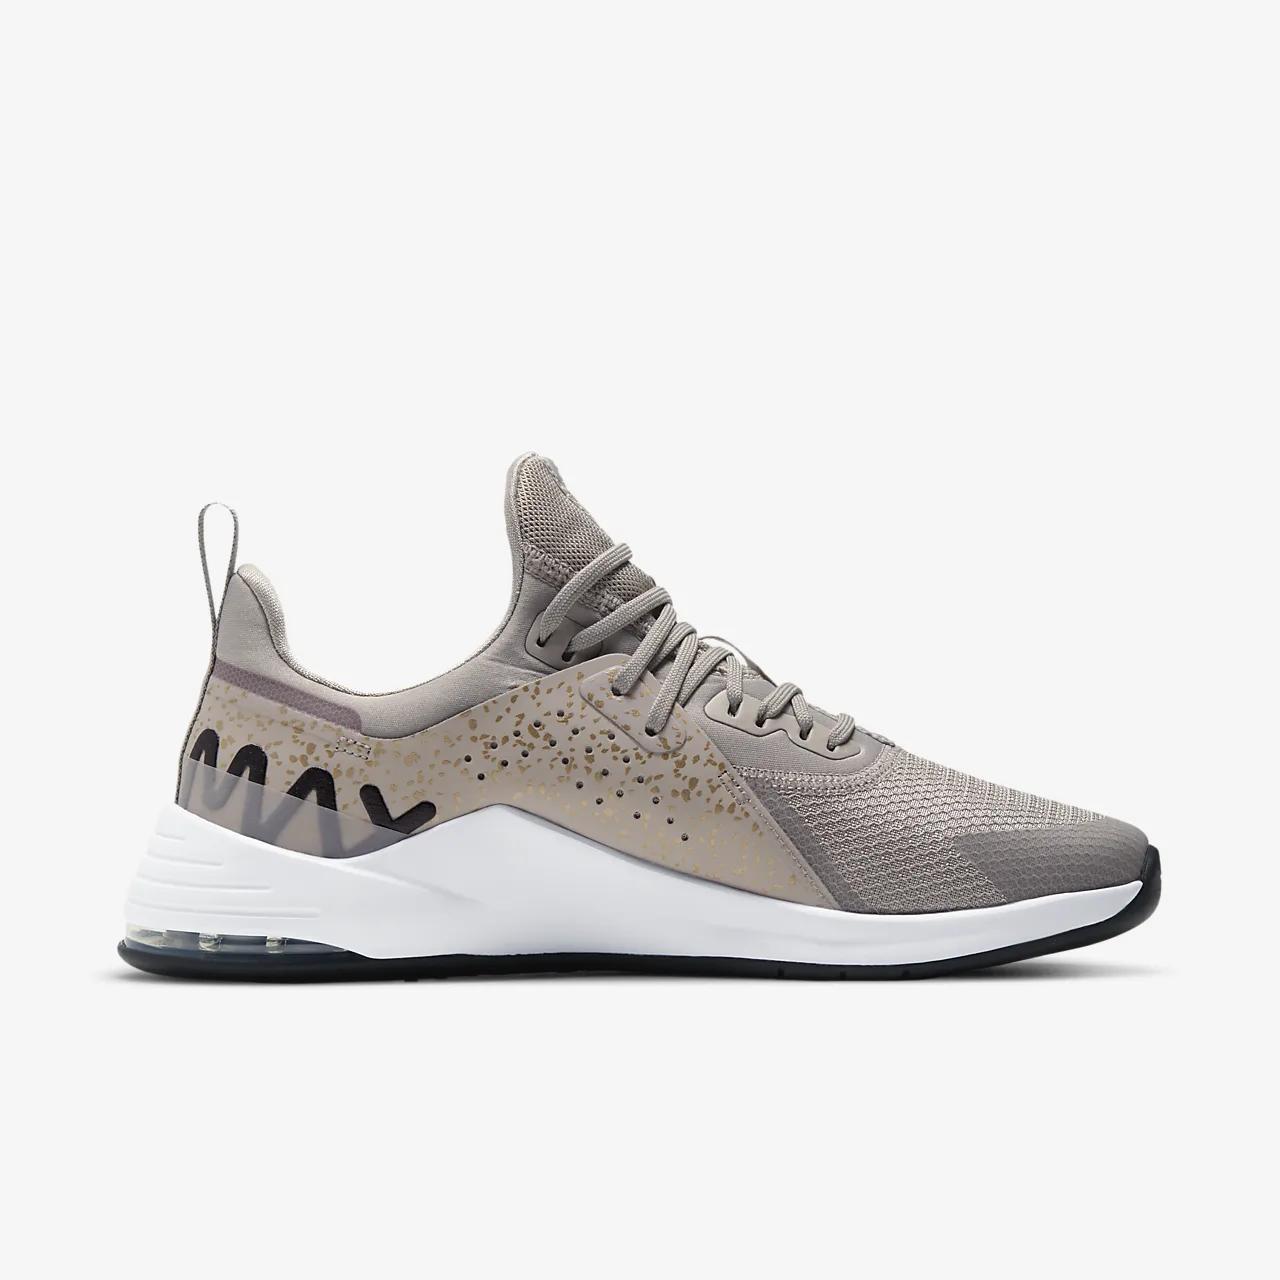 유럽직배송 나이키 NIKE Nike Air Max Bella TR 3 Premium Women's Training Shoe CV0195-007